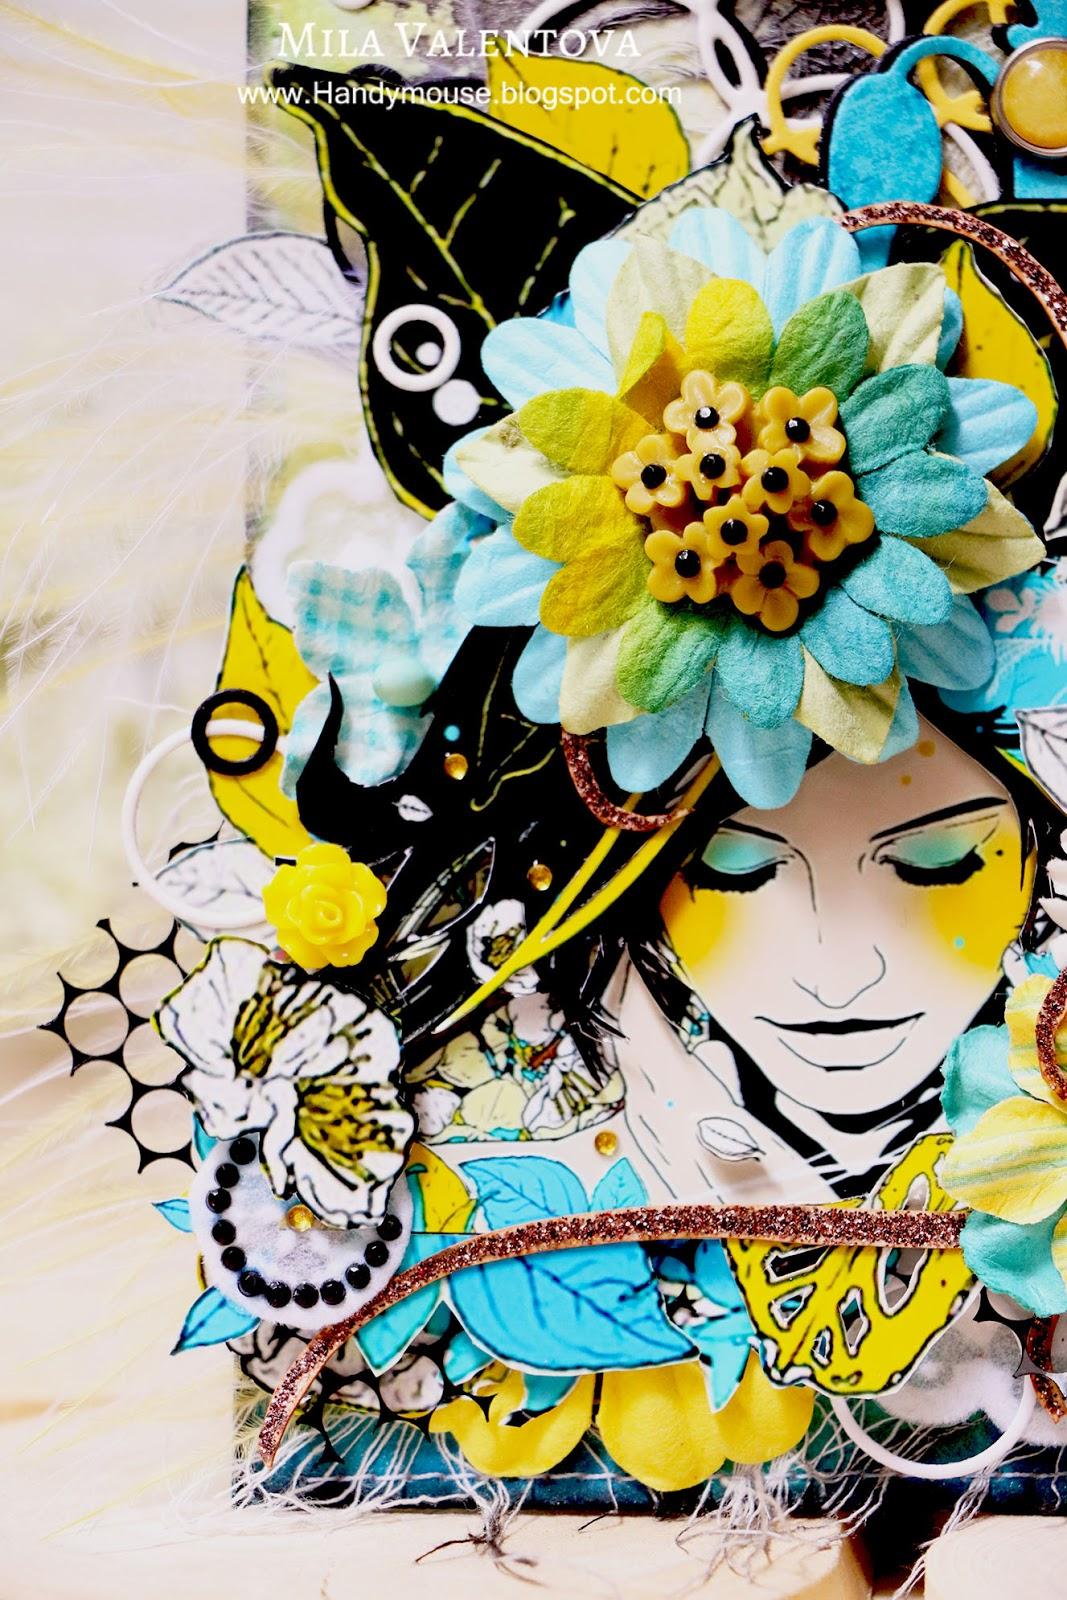 ТЭГ с фоном при помощи спреев и принтом японского художника. Мила Валентова.